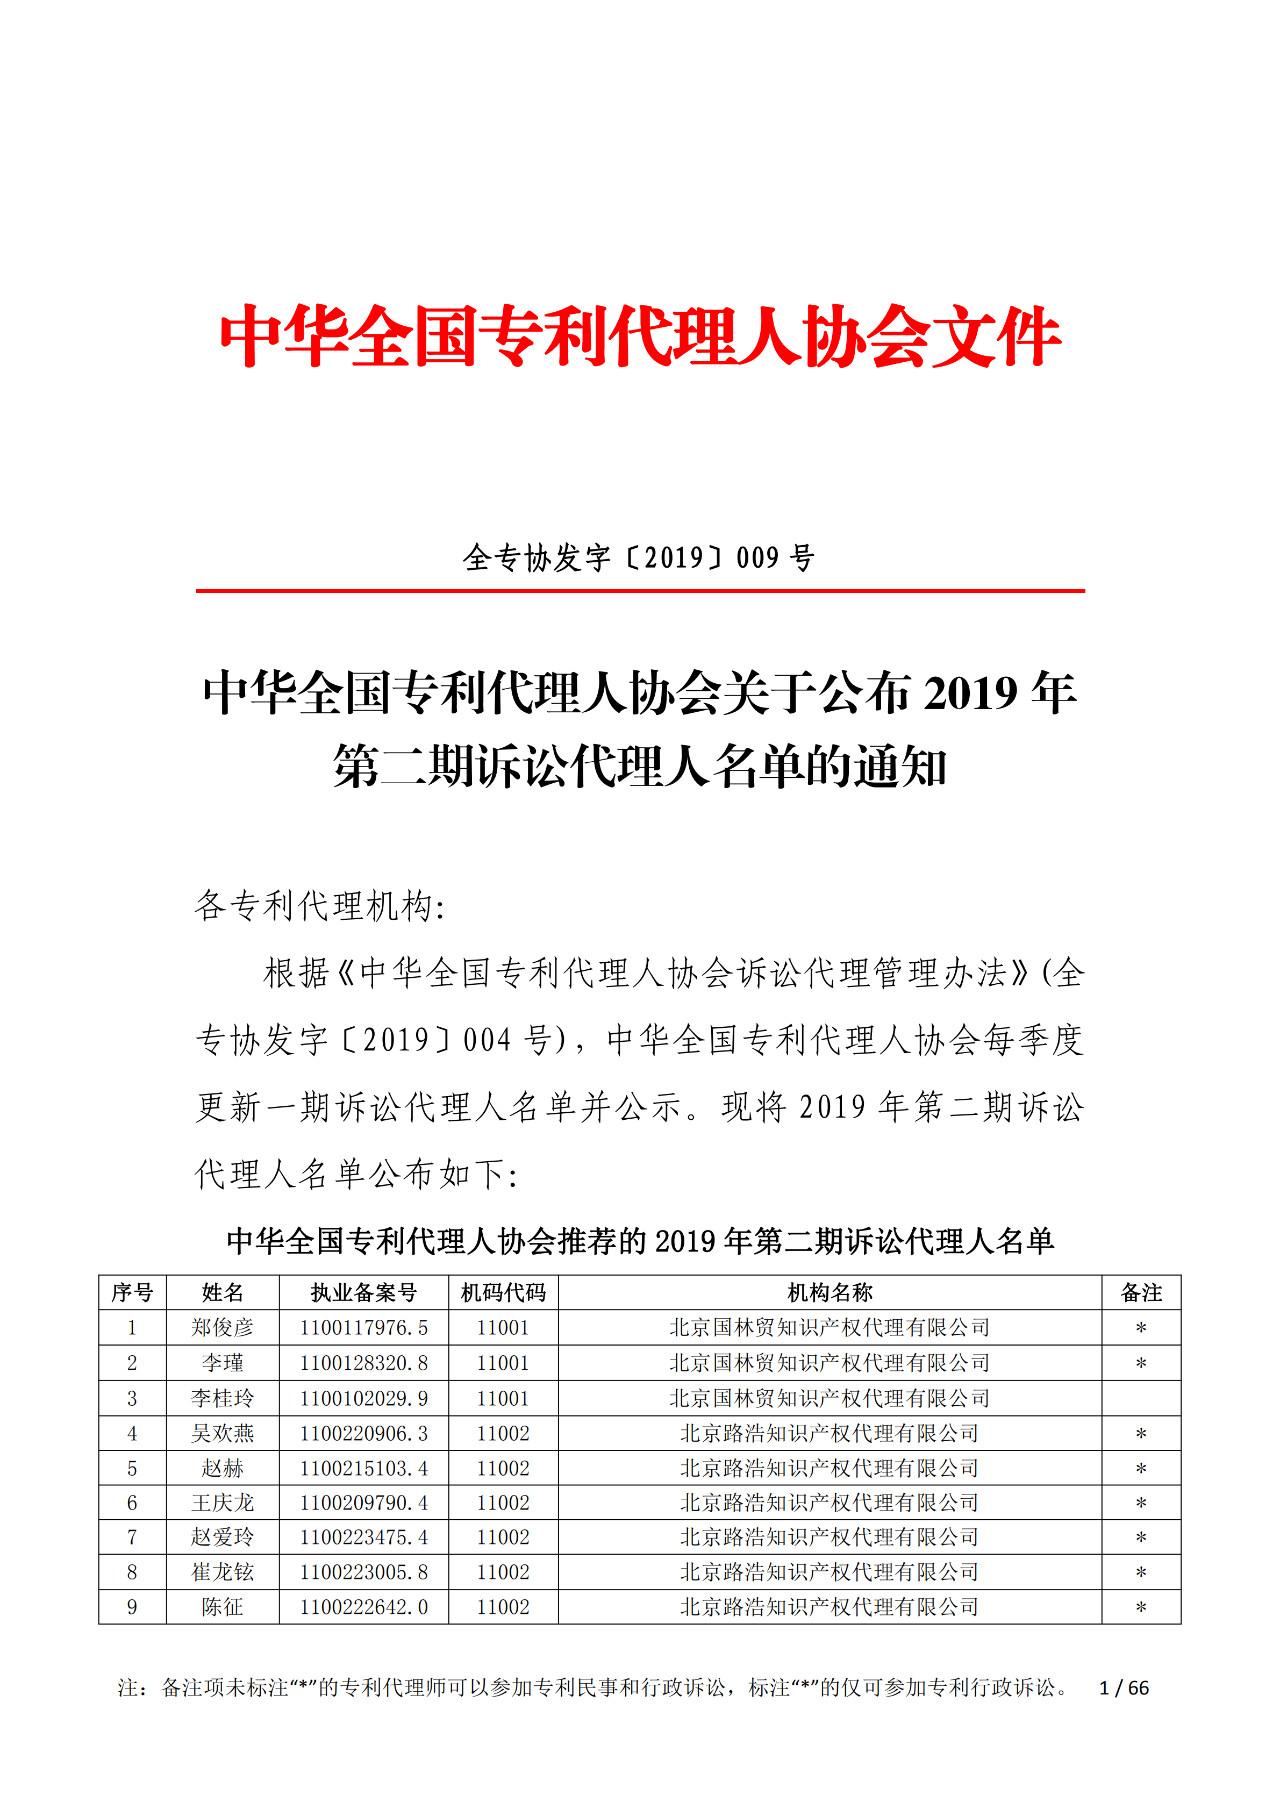 中华全国专利代理人协会发布2019年第二期诉讼代理人名单